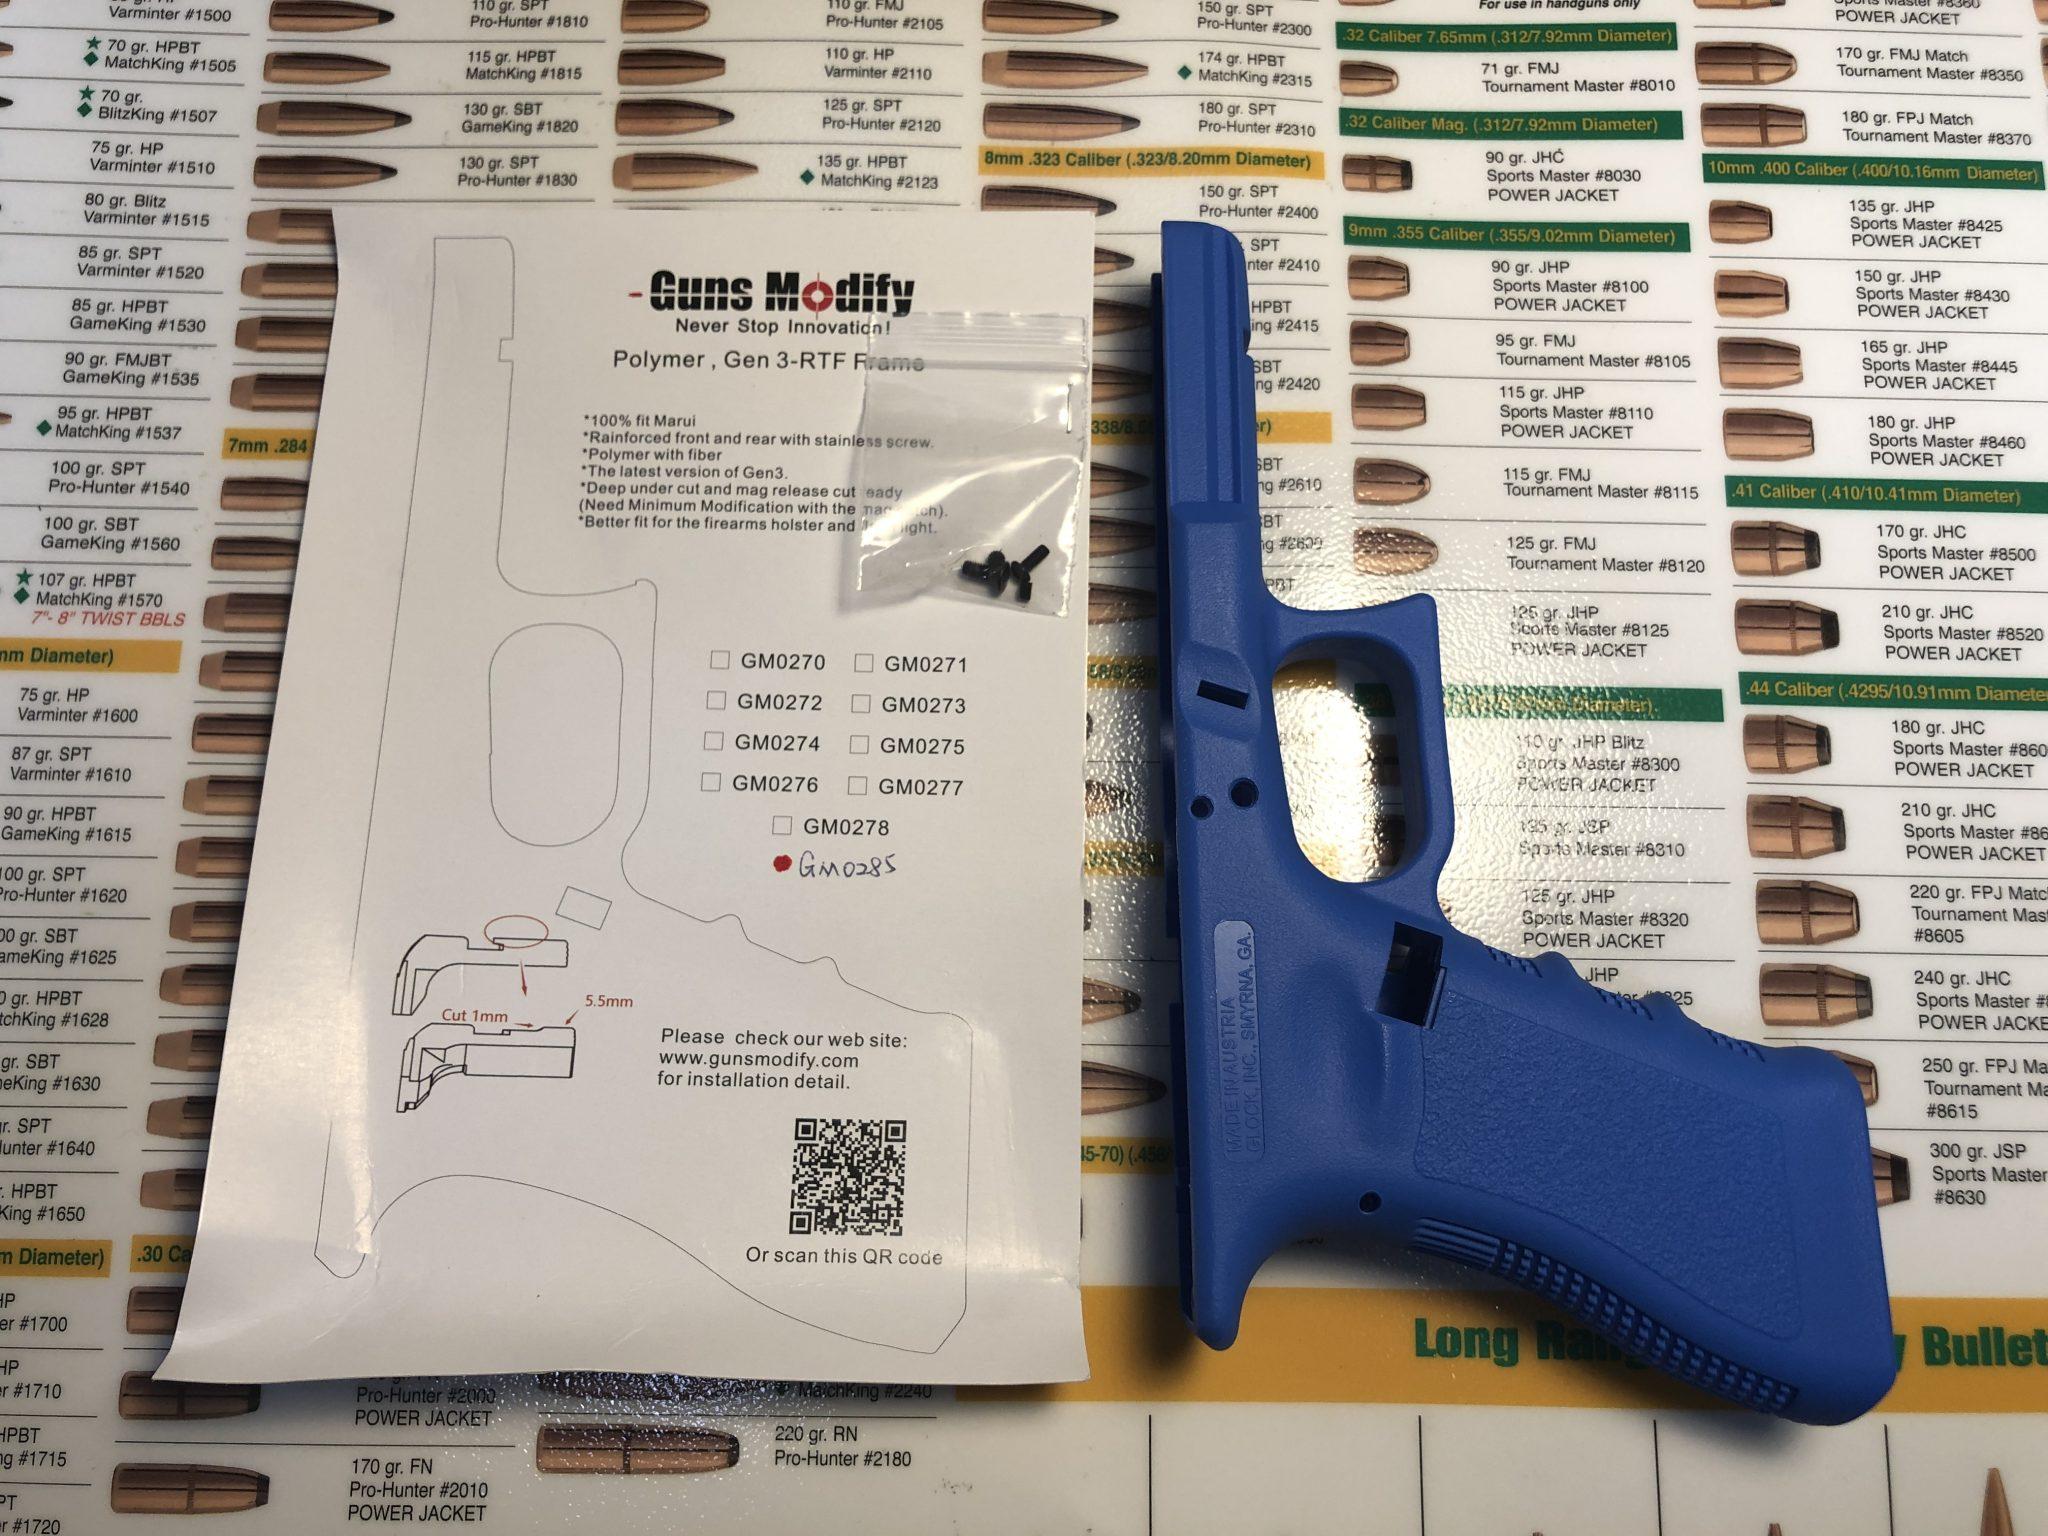 D130D04B 7F38 4806 8D61 B02791A9B3D1 - 可動トレーニングガン作ってみたpart1